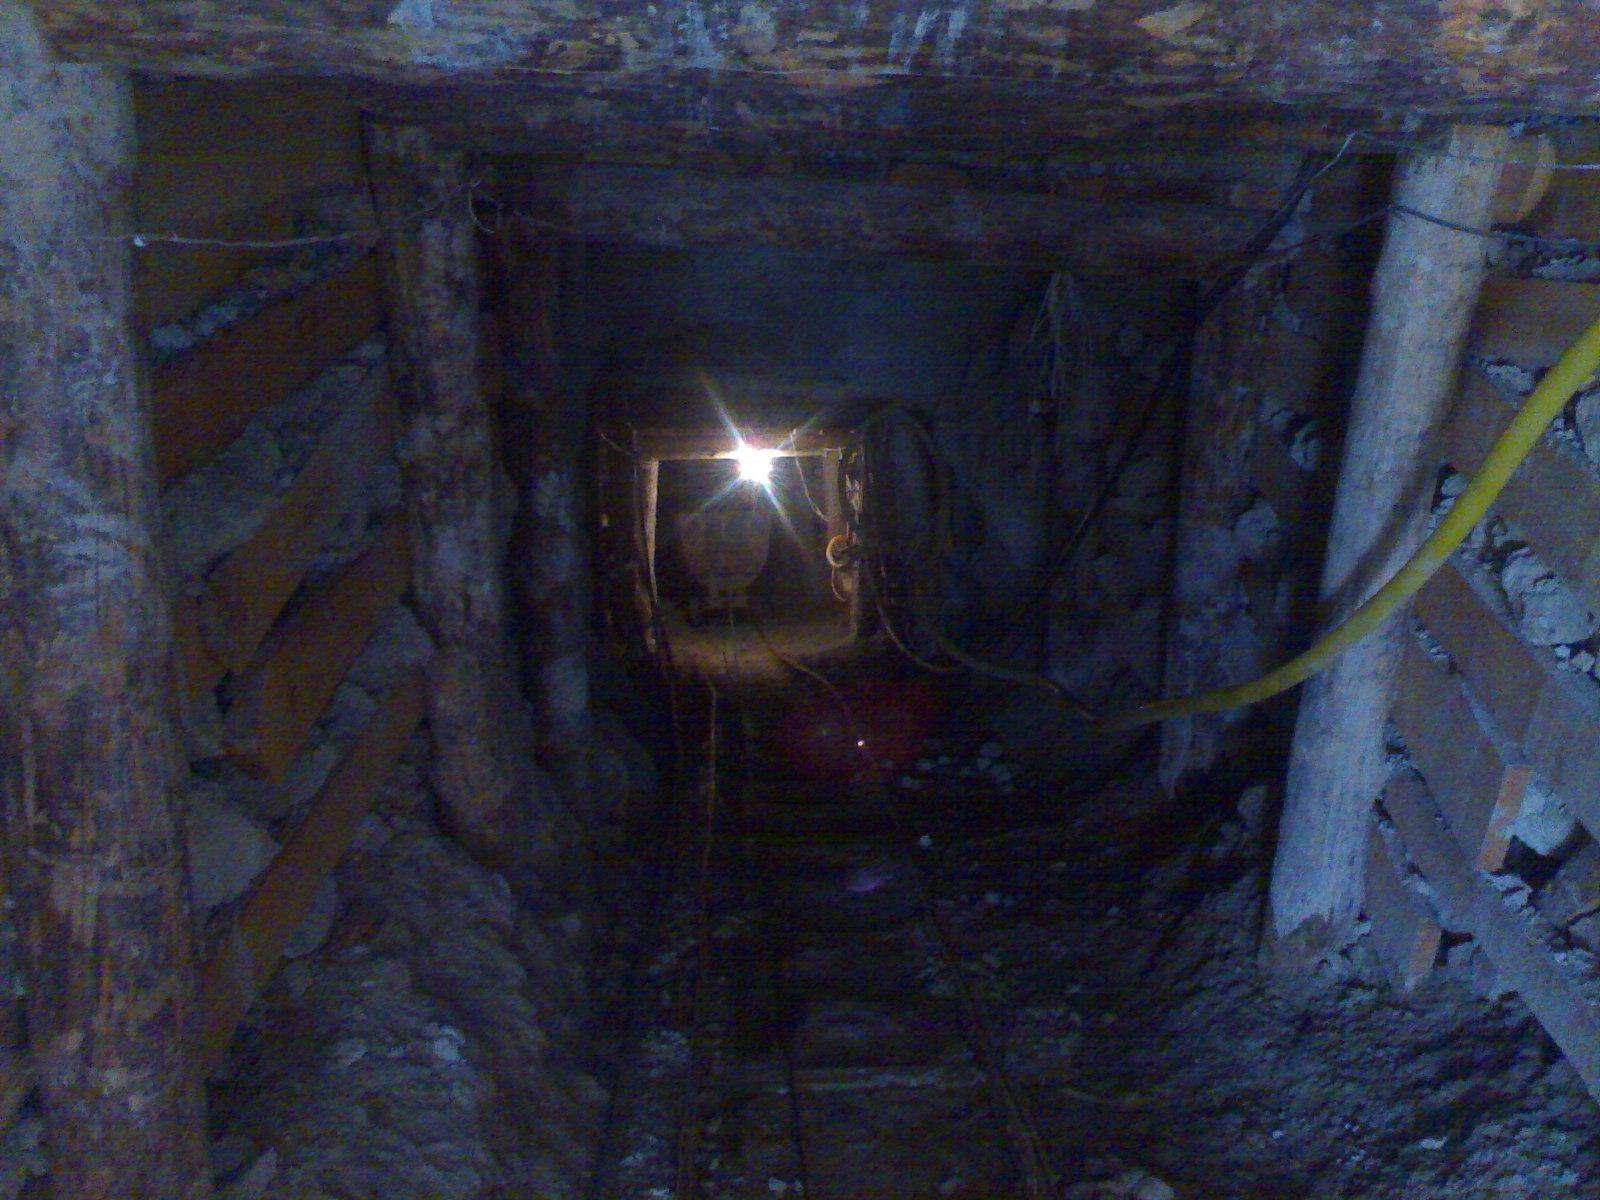 copper ore, zinc ore, lead ore, silver, gold and concentrates